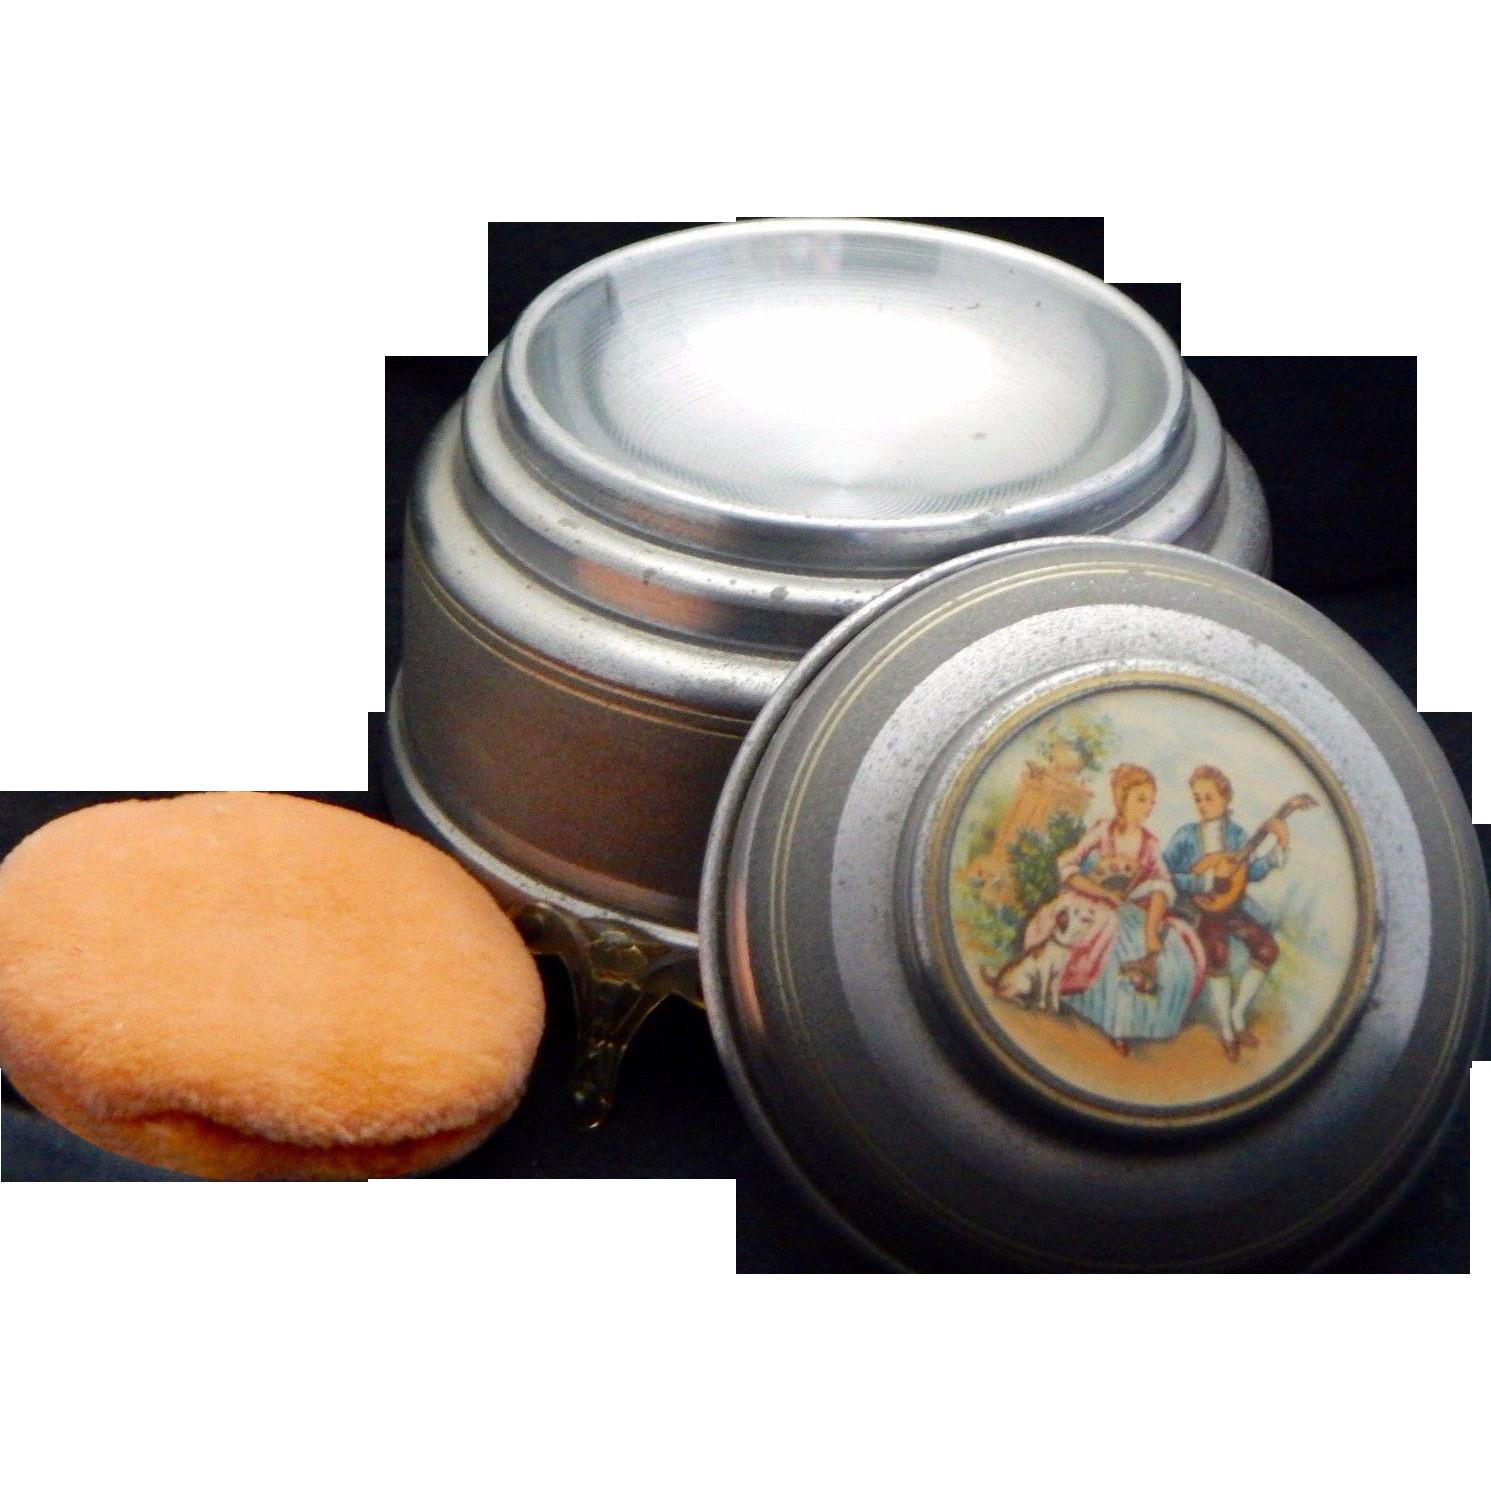 Unique Vintage Musical Powder Puff Compact